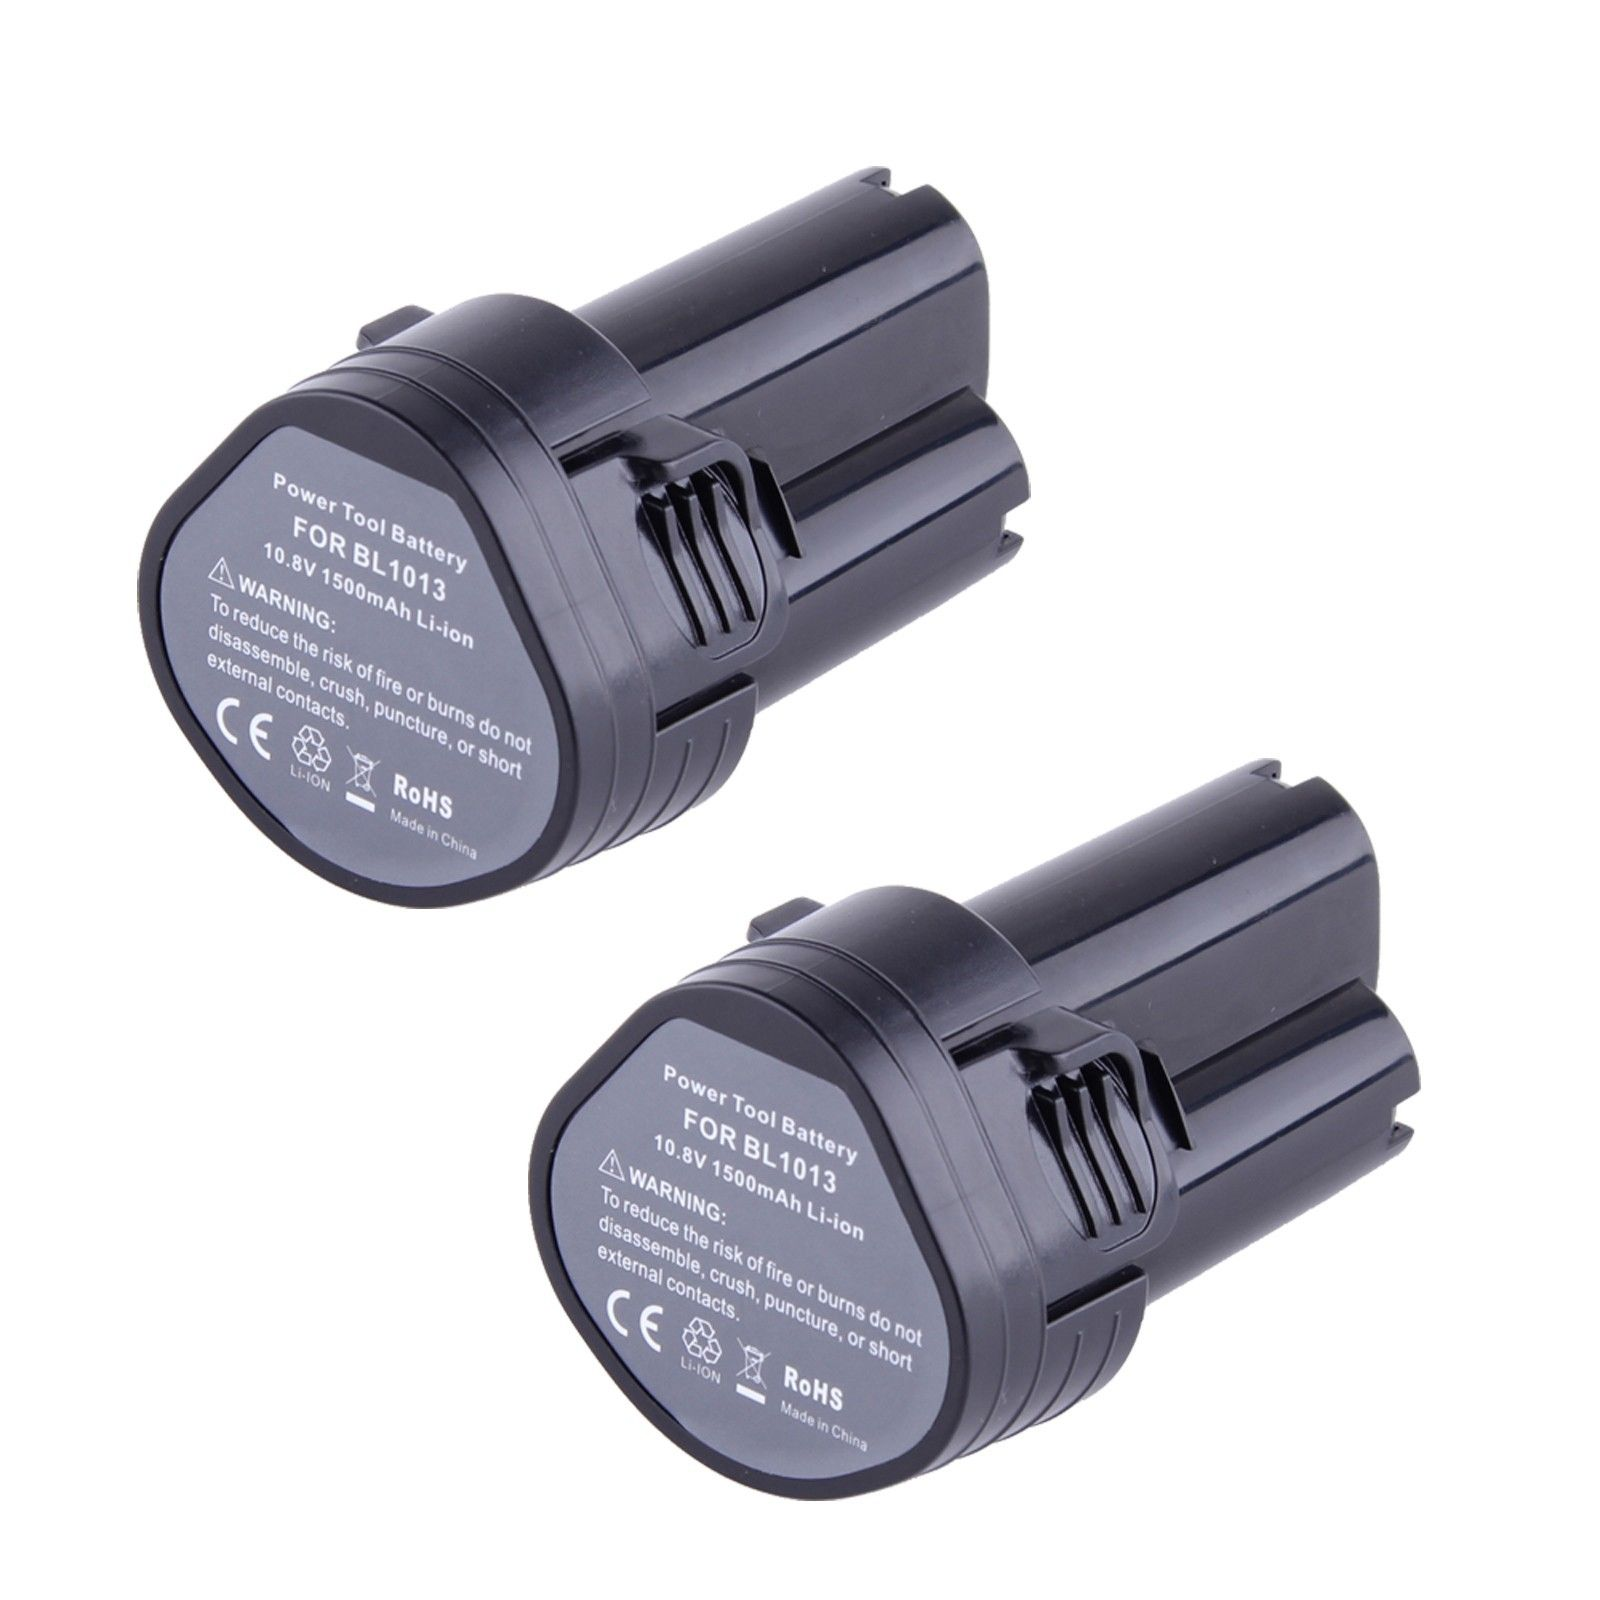 2x10.8 Вольт Li-Ion Батарея для Makita BL1013 194551-4 194550-6 TD090DW LCT203W